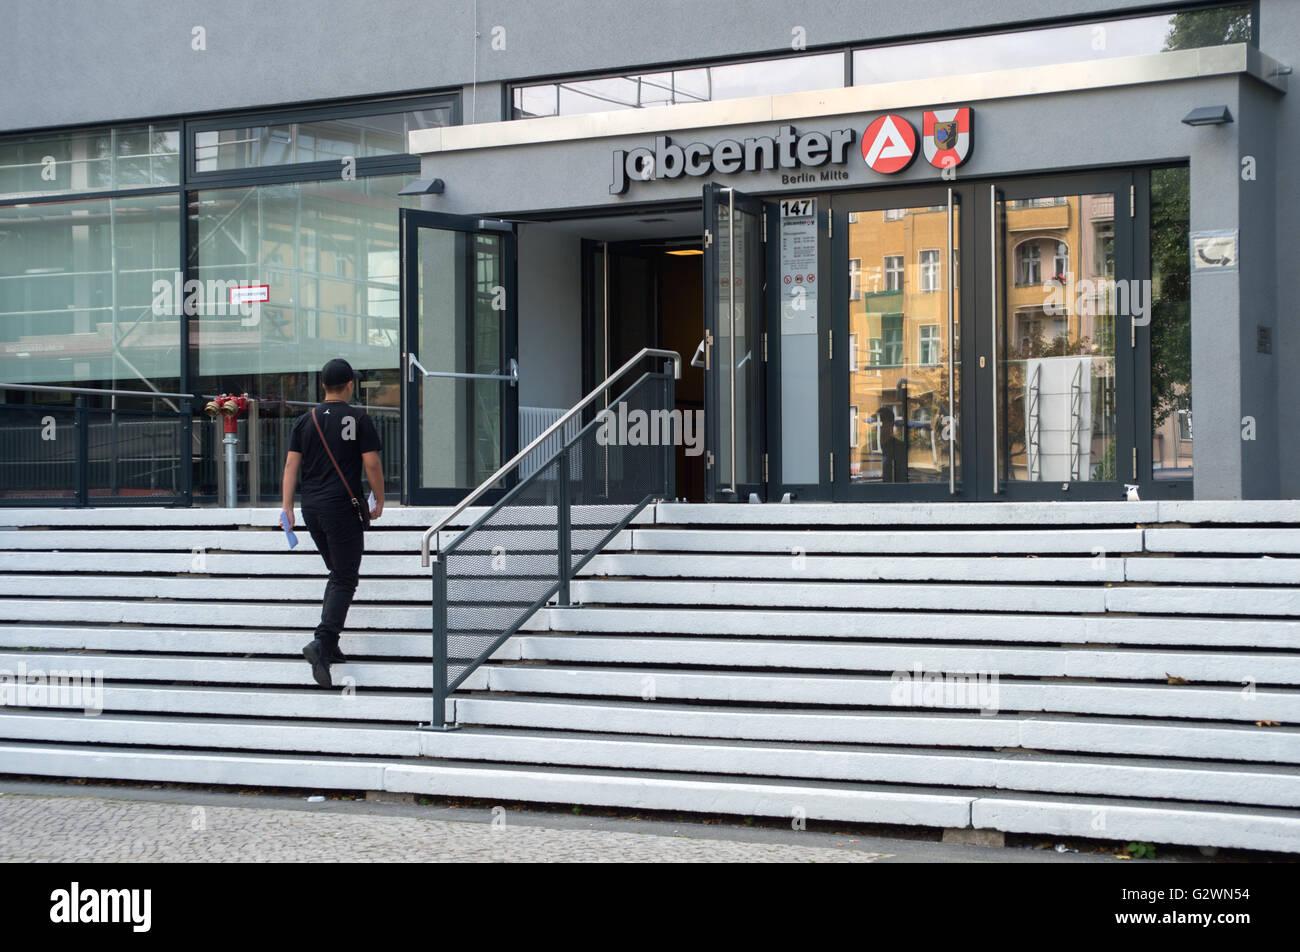 berlin germany job center berlin mitte in muellerstrasse stock